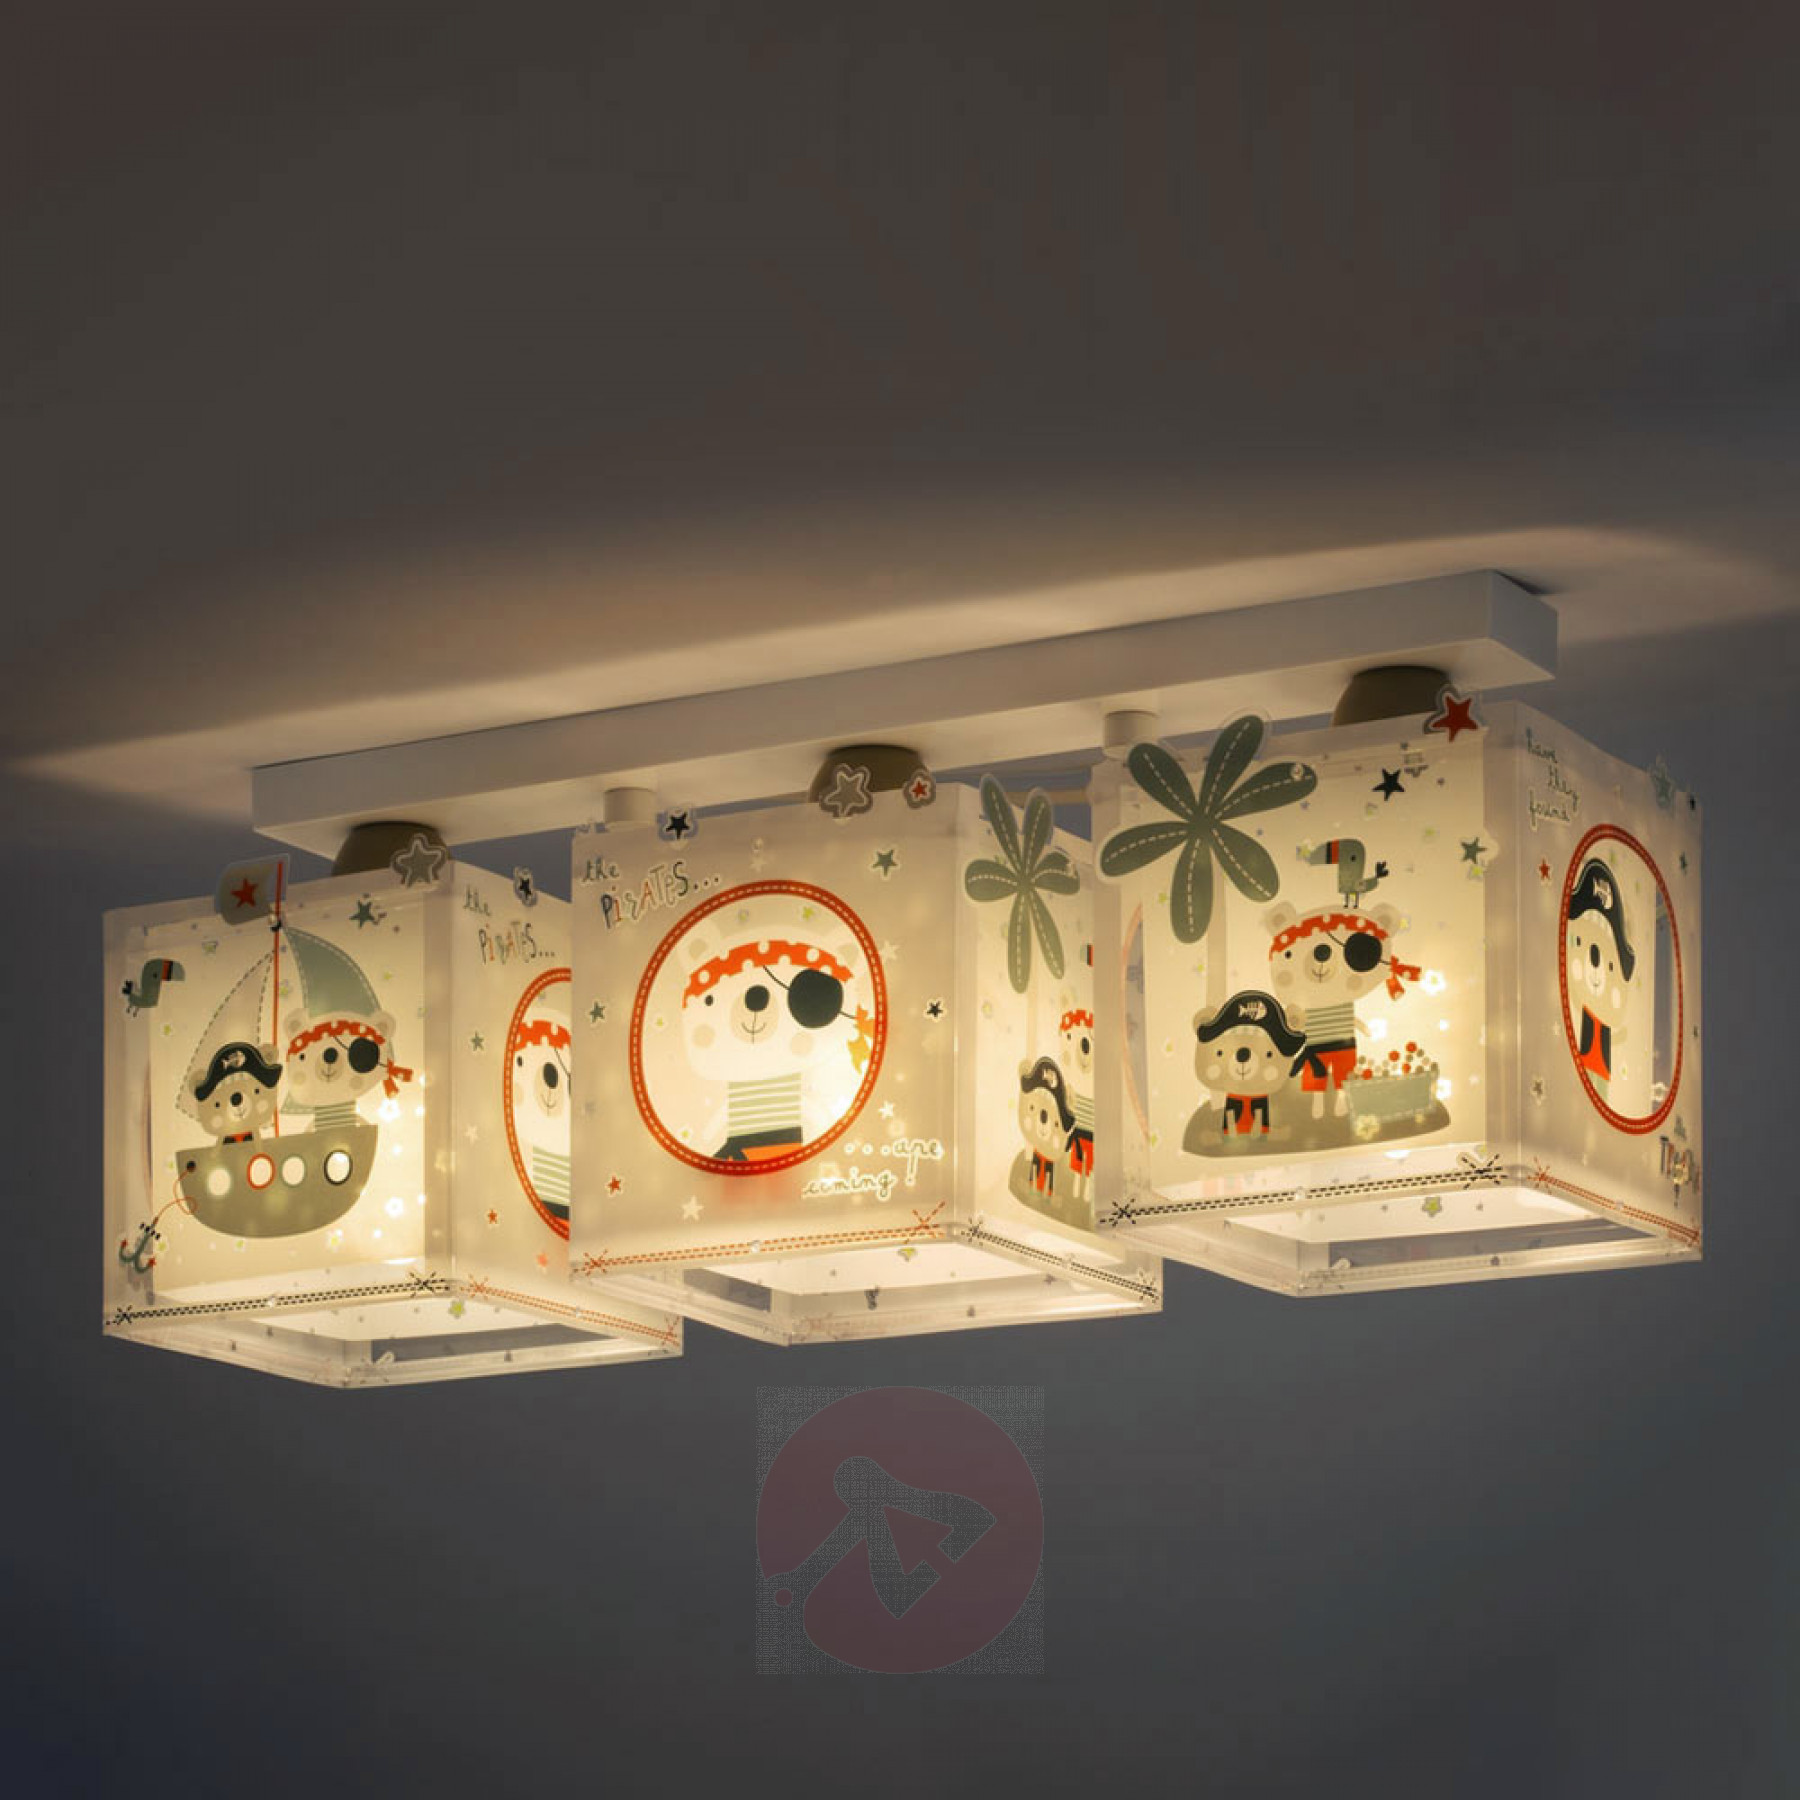 Full Size of Dreiflammige Deckenlampe Pirates Frs Kinderzimmer Kaufen Deckenlampen Für Wohnzimmer Regal Regale Weiß Modern Sofa Kinderzimmer Deckenlampen Kinderzimmer